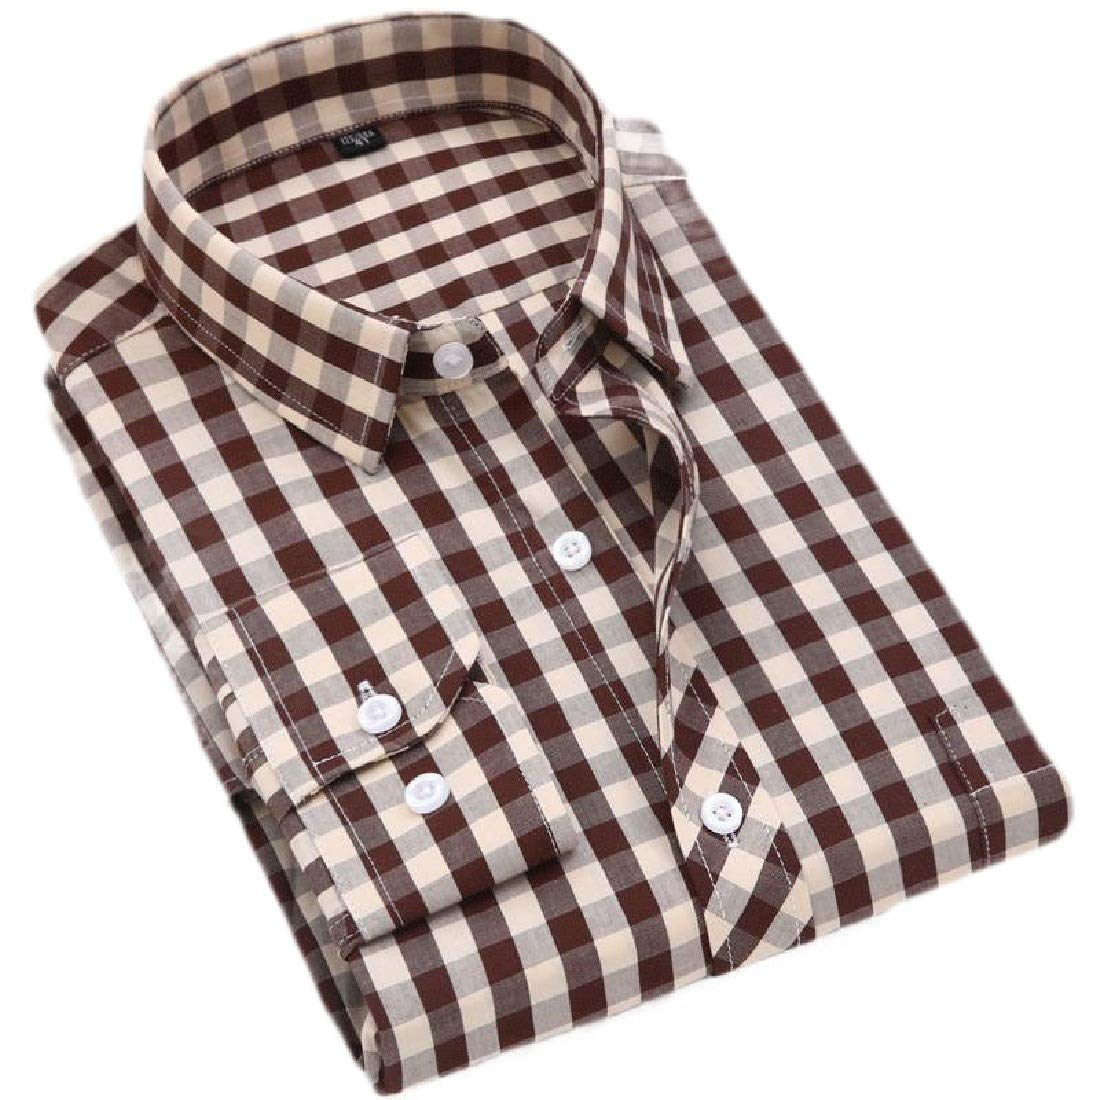 Domple Mens Plaid Shirt Button Down Business Long Sleeve Regular Fit Button Down Dress Shirt